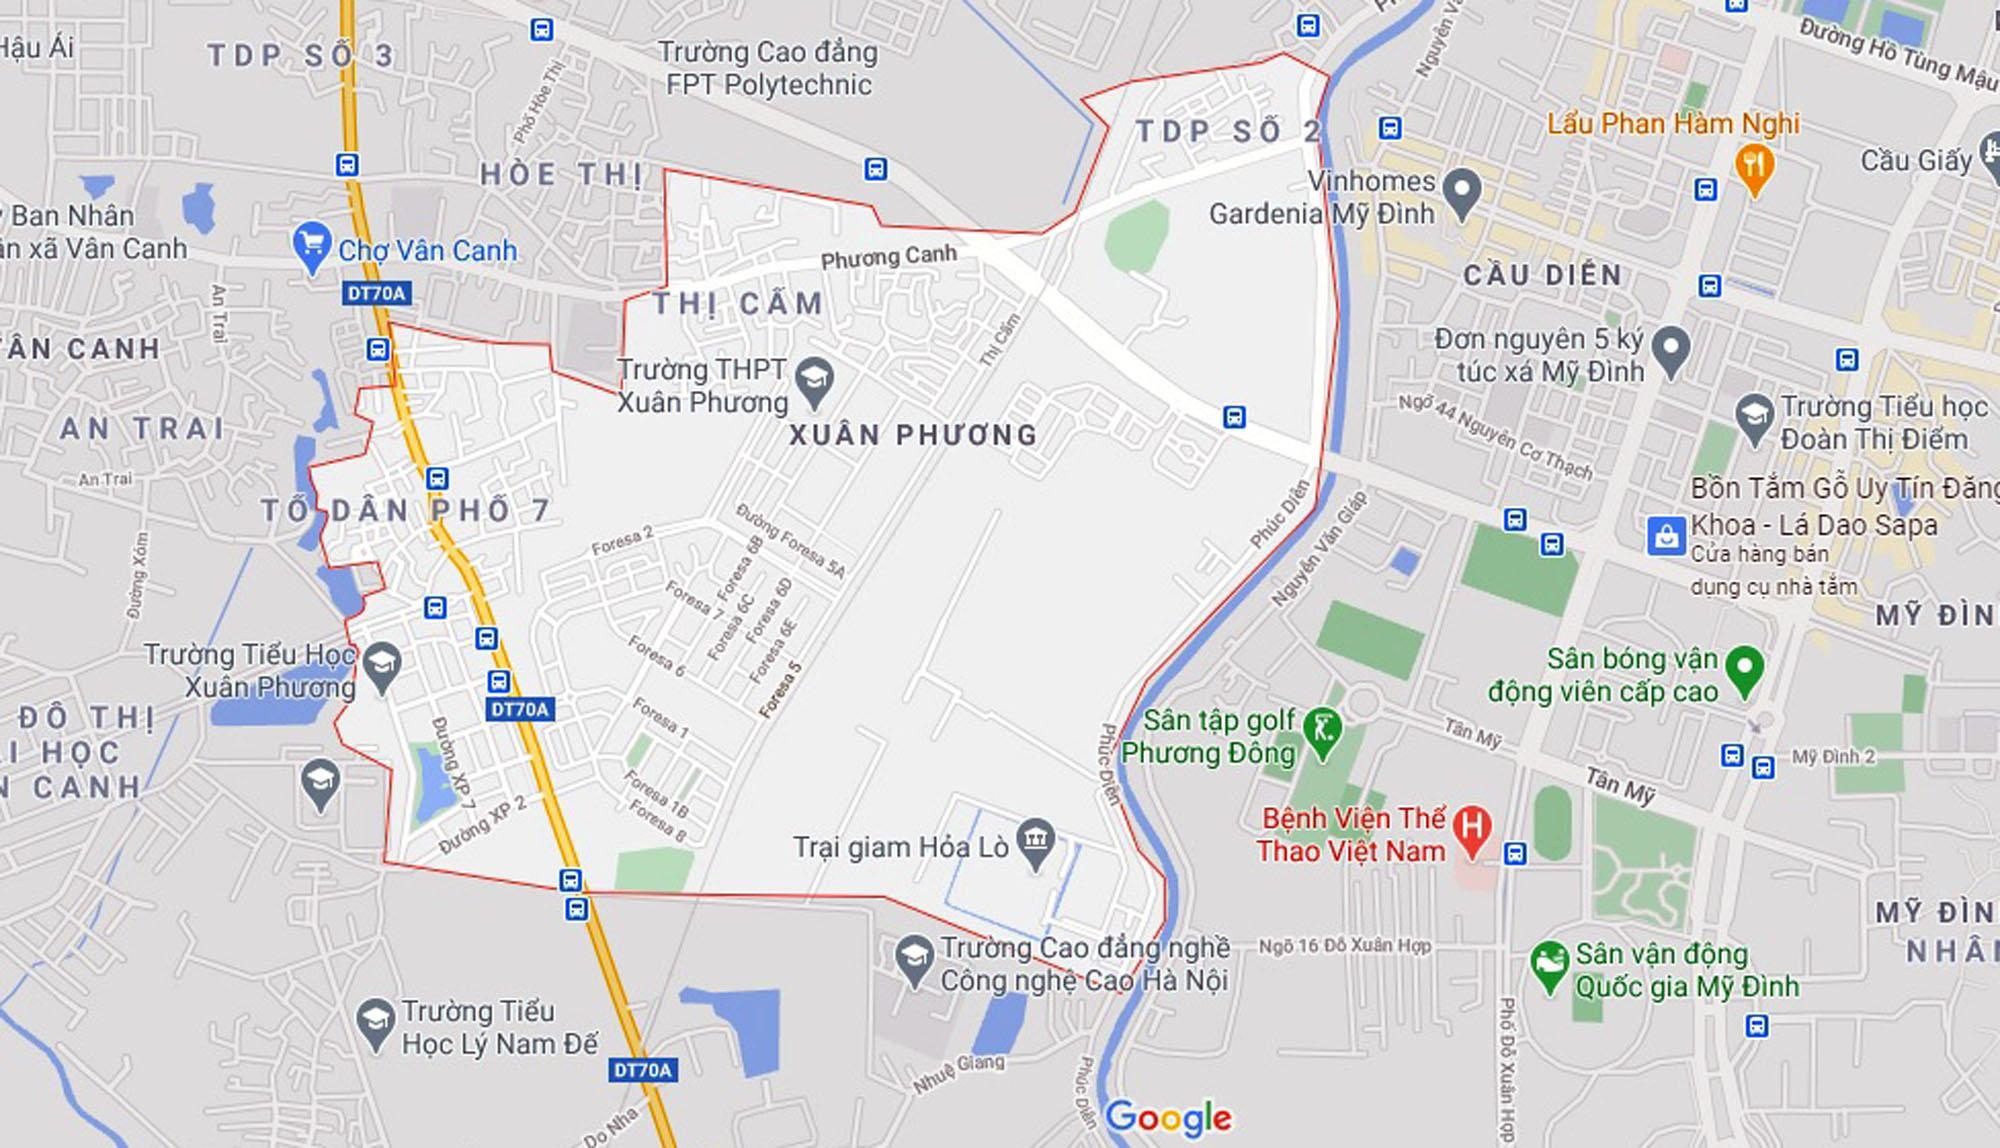 Ba đường sẽ mở theo qui hoạch ở phường Xuân Phương, Nam Từ Liêm, Hà Nội (phần 2) - Ảnh 1.